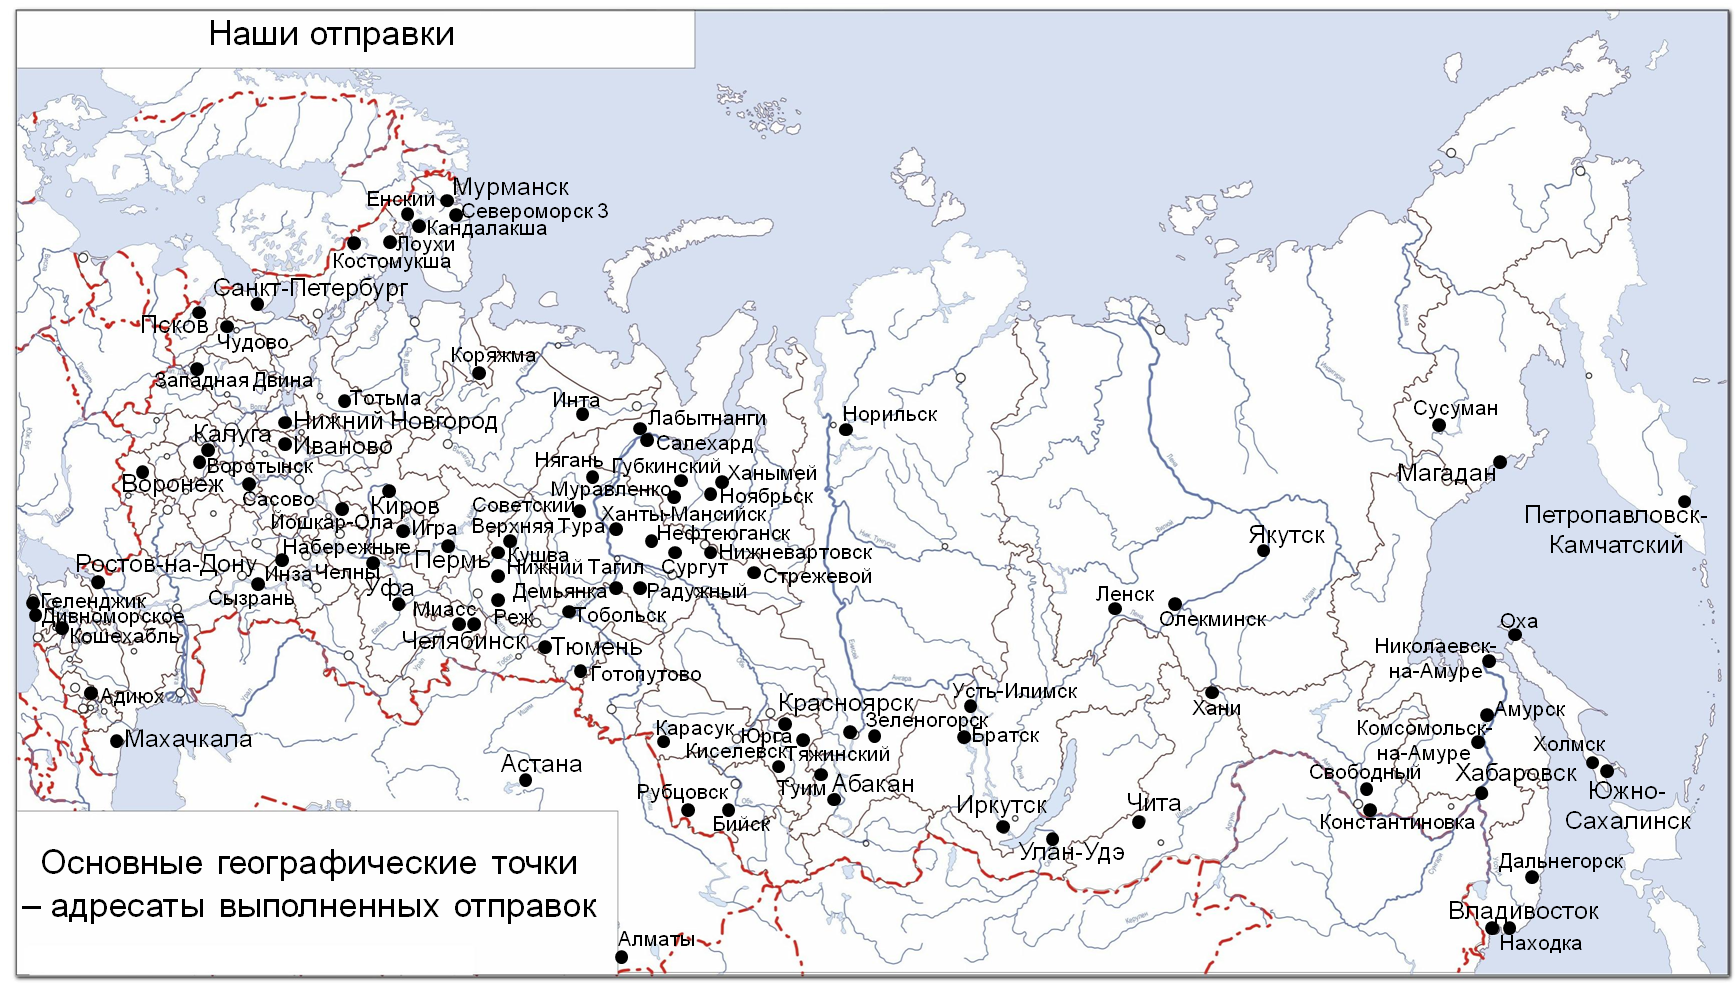 Наши отправки по России